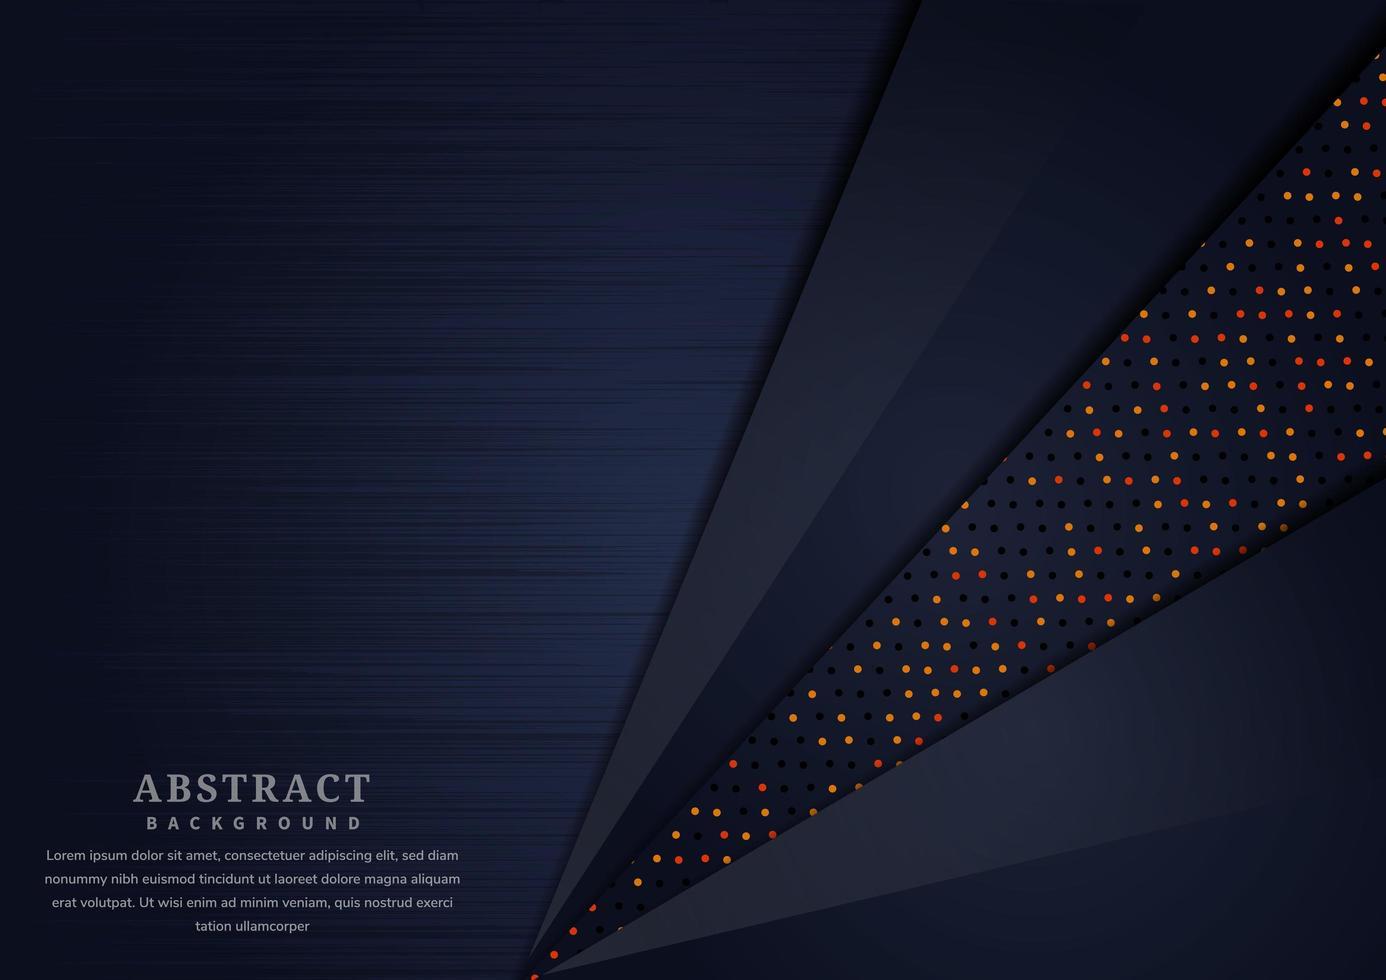 abstrakter dunkelblauer überlappender Schichtenhintergrund mit leuchtenden Punkten vektor